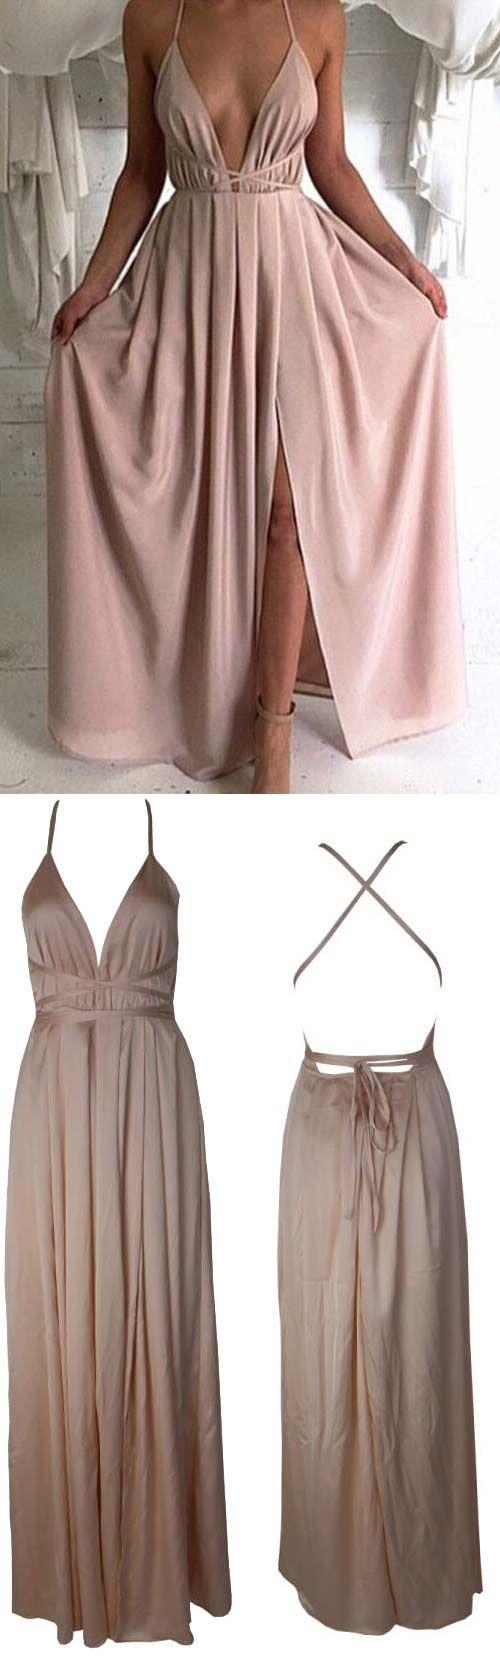 vestido-casamento-praia-5